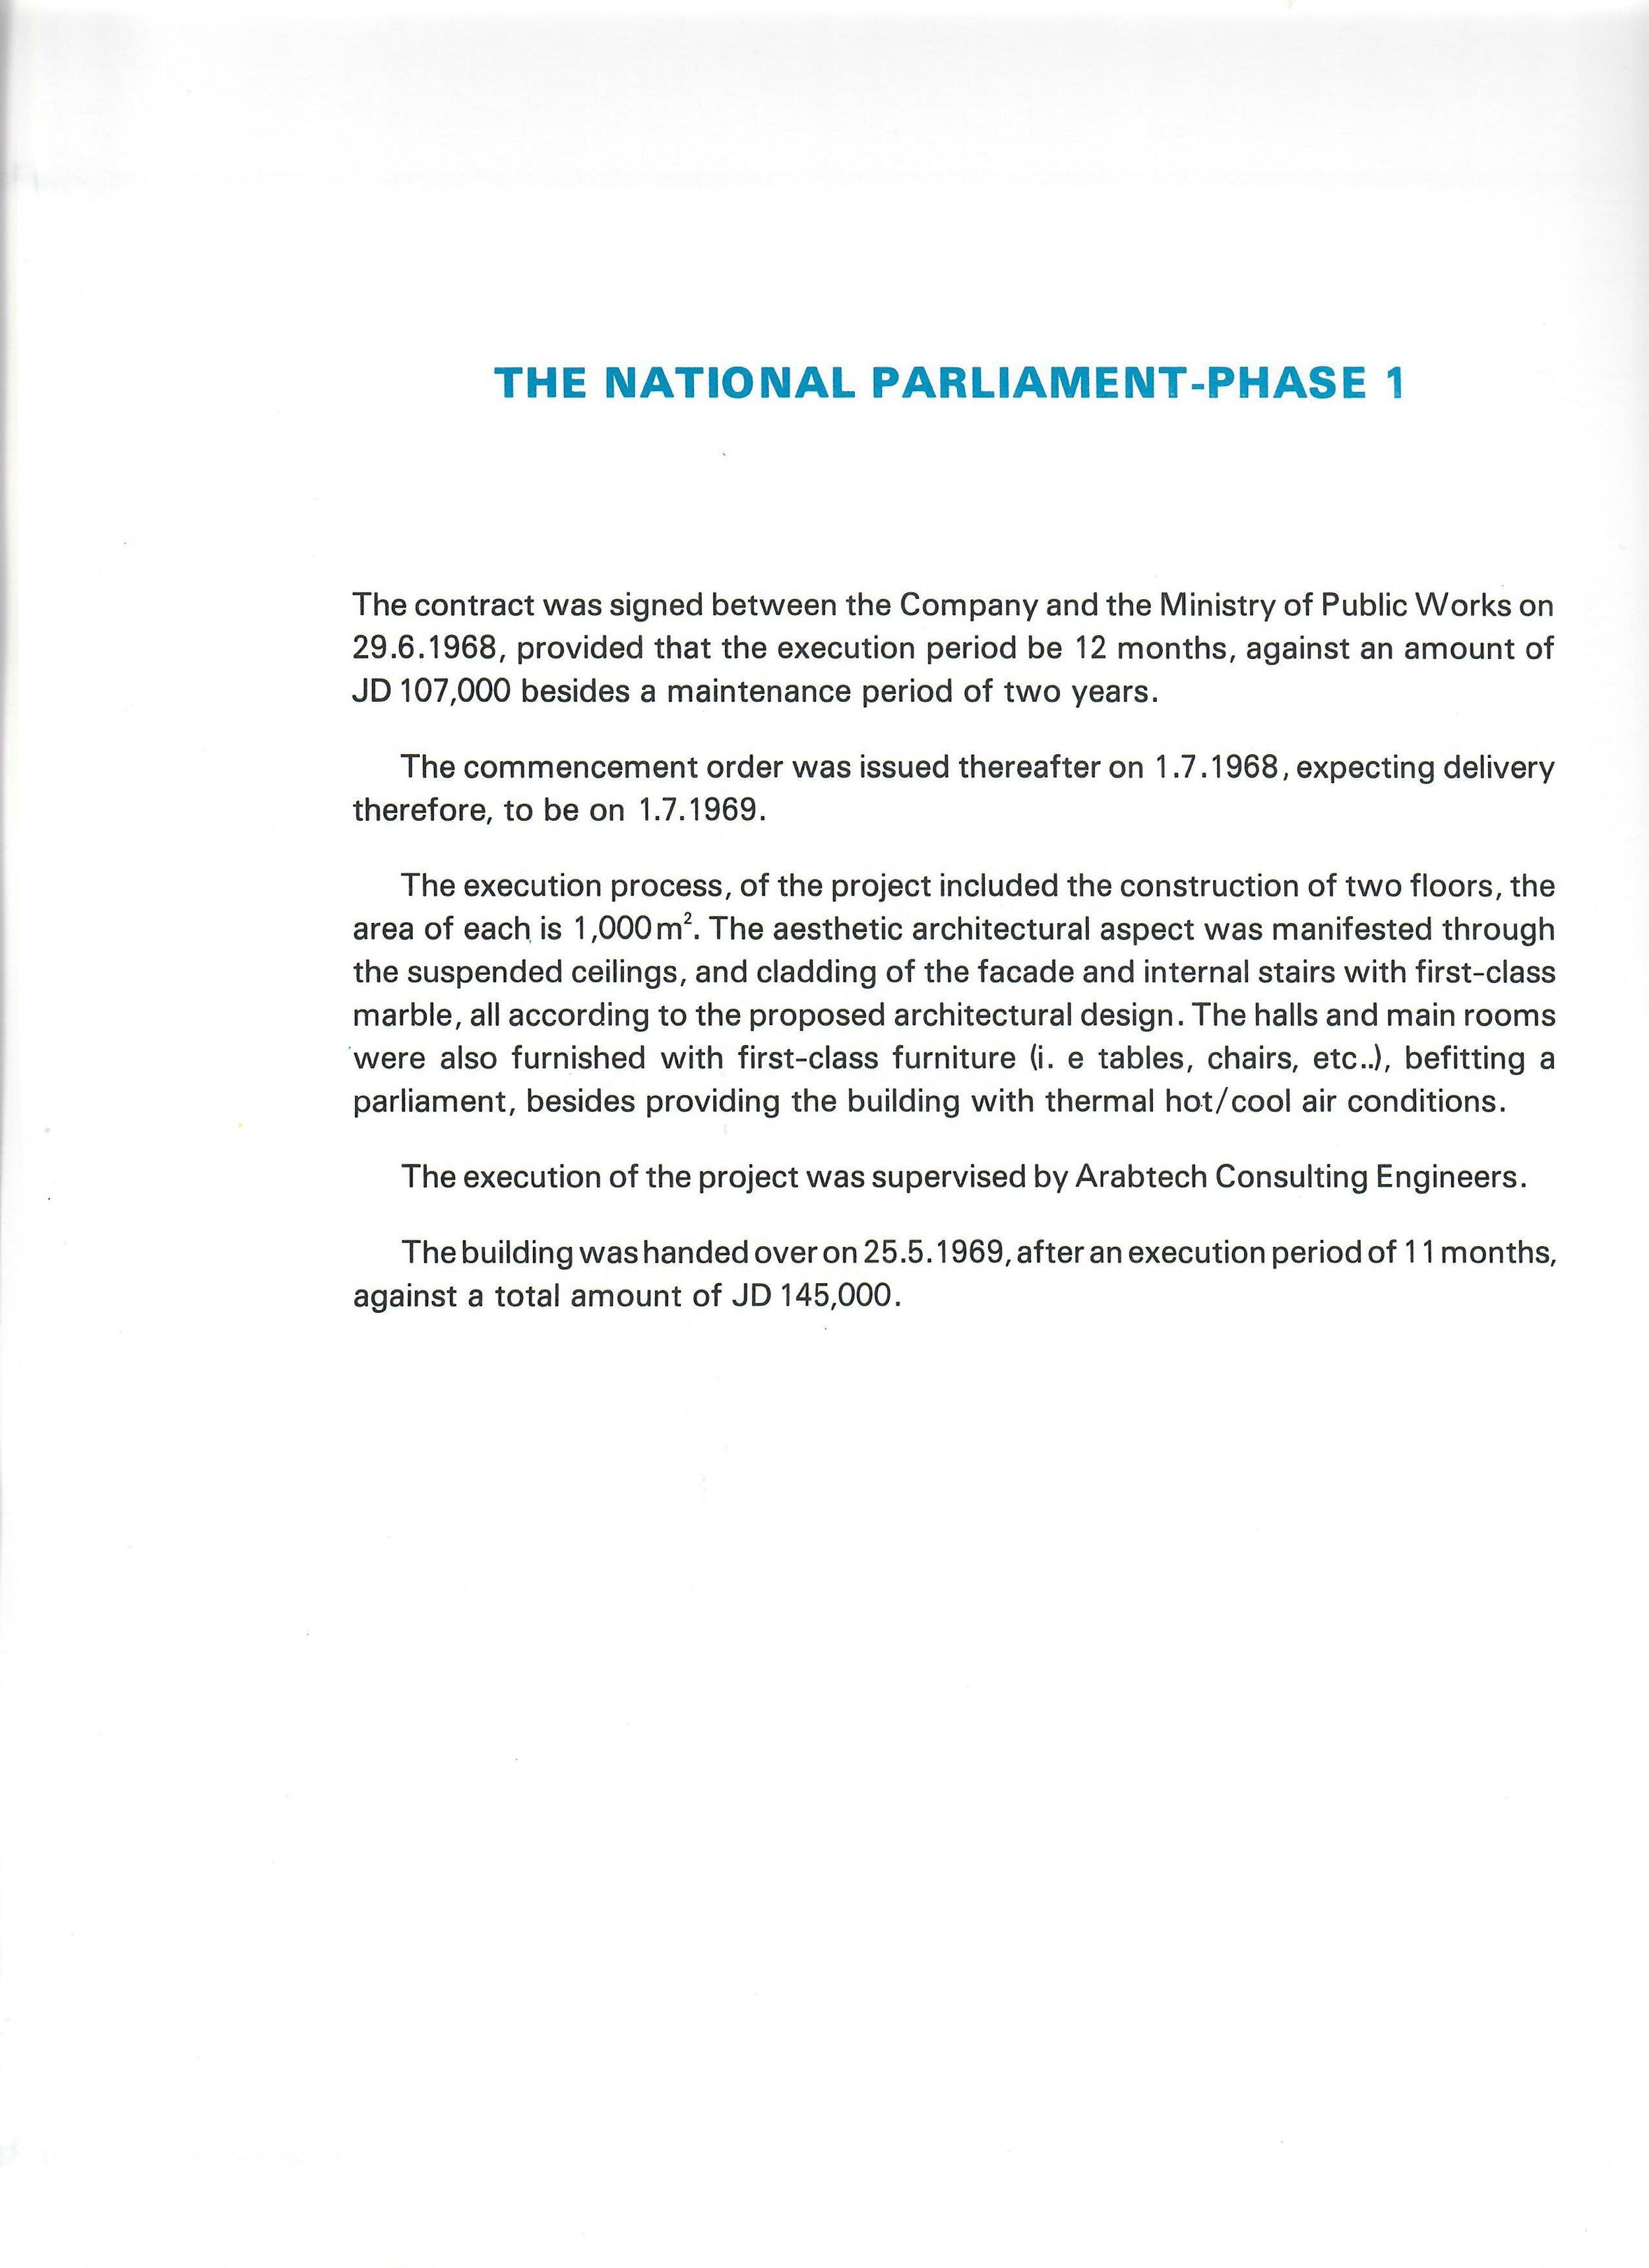 parliament texteng.jpeg